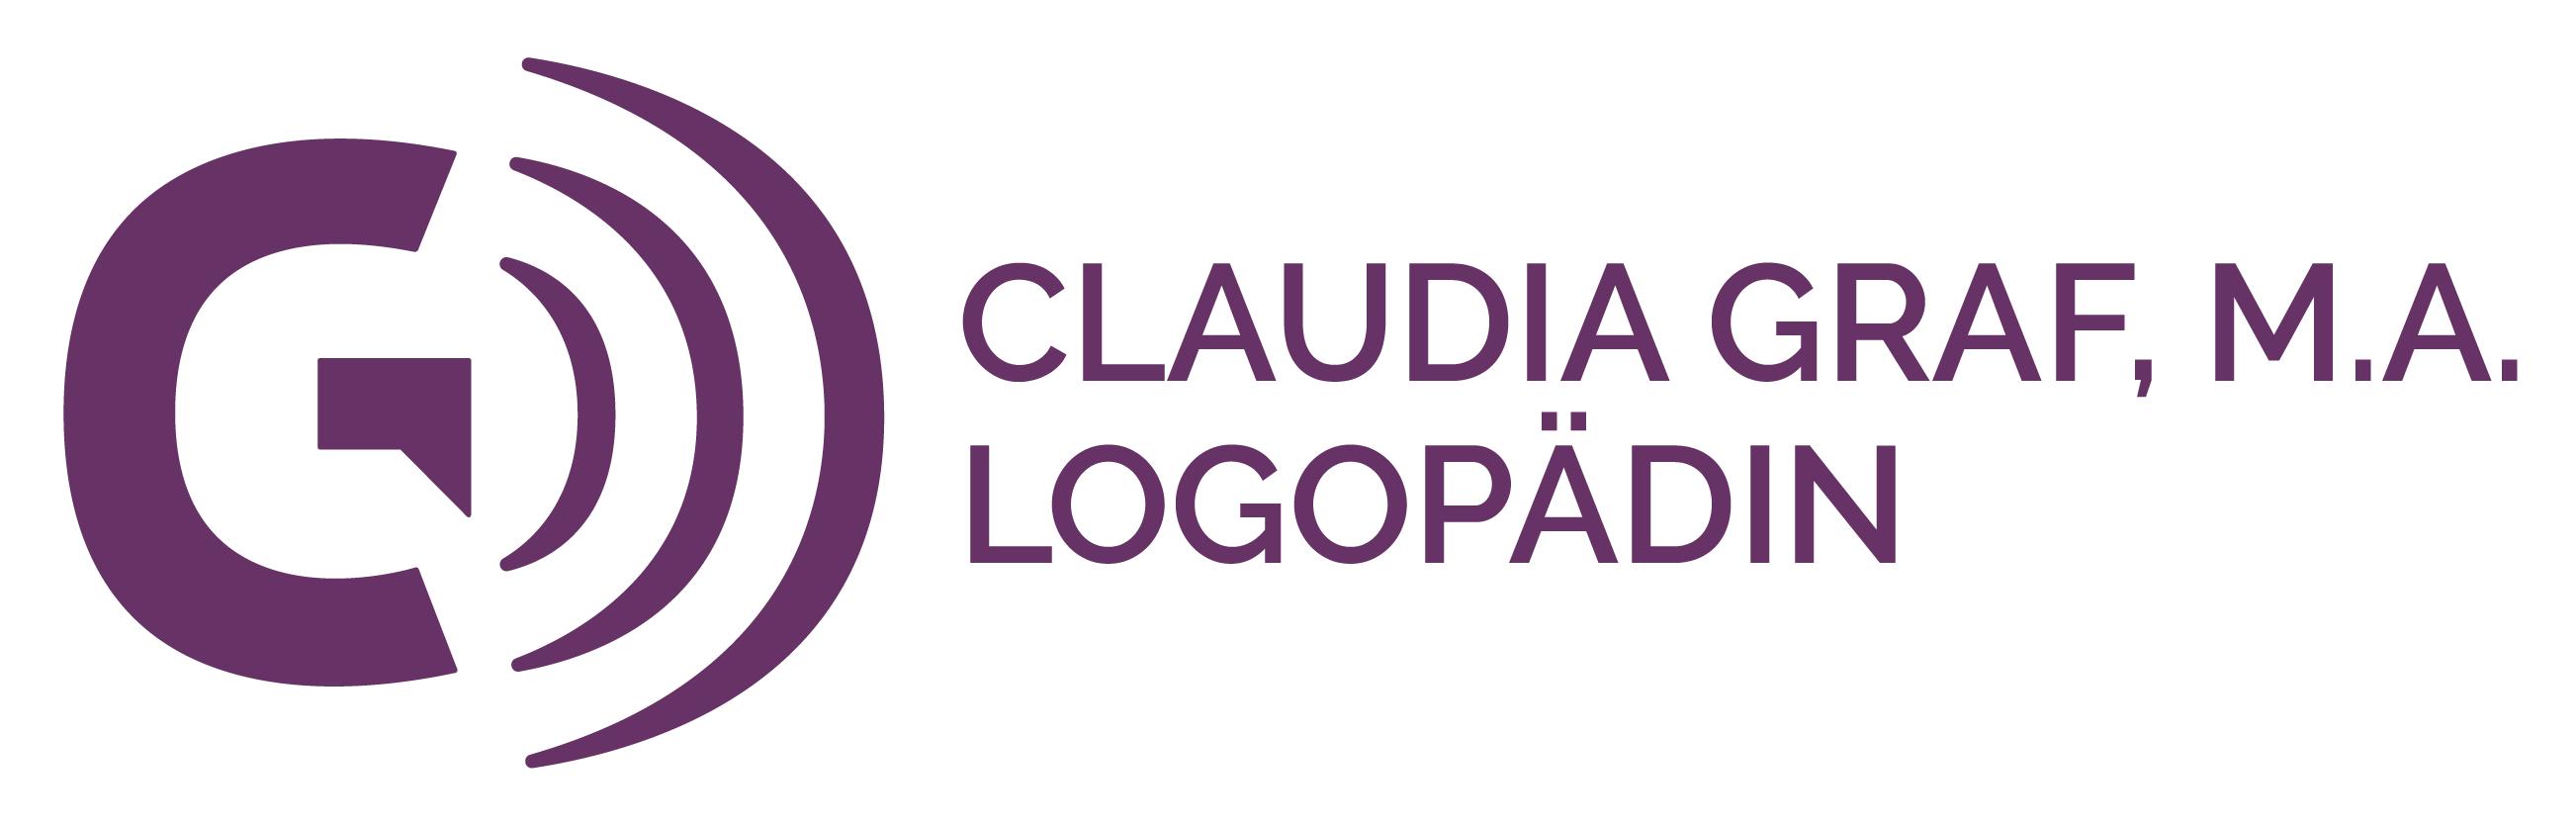 Graf Claudia